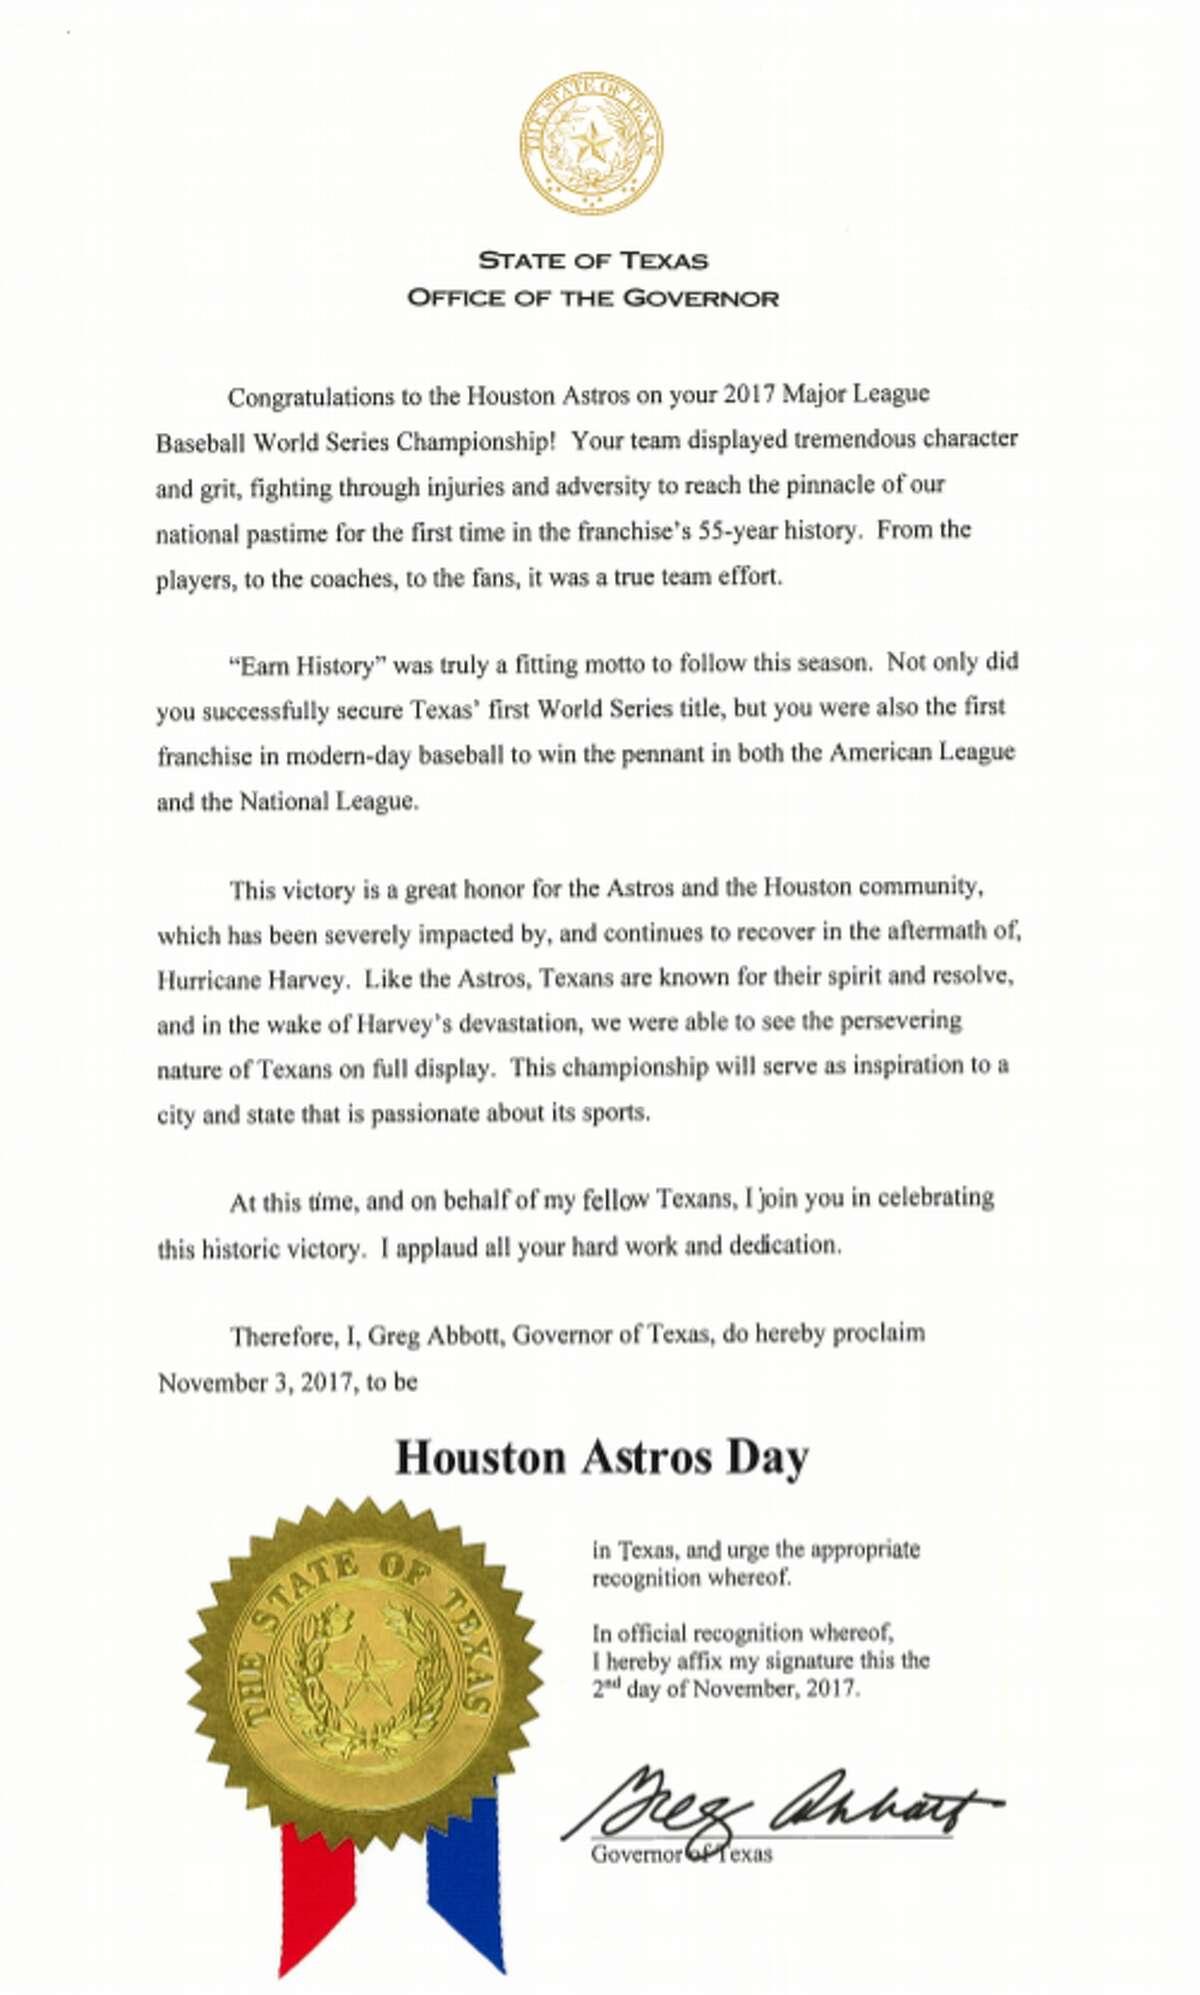 Gov. Abbott proclaims Houston Astros Day